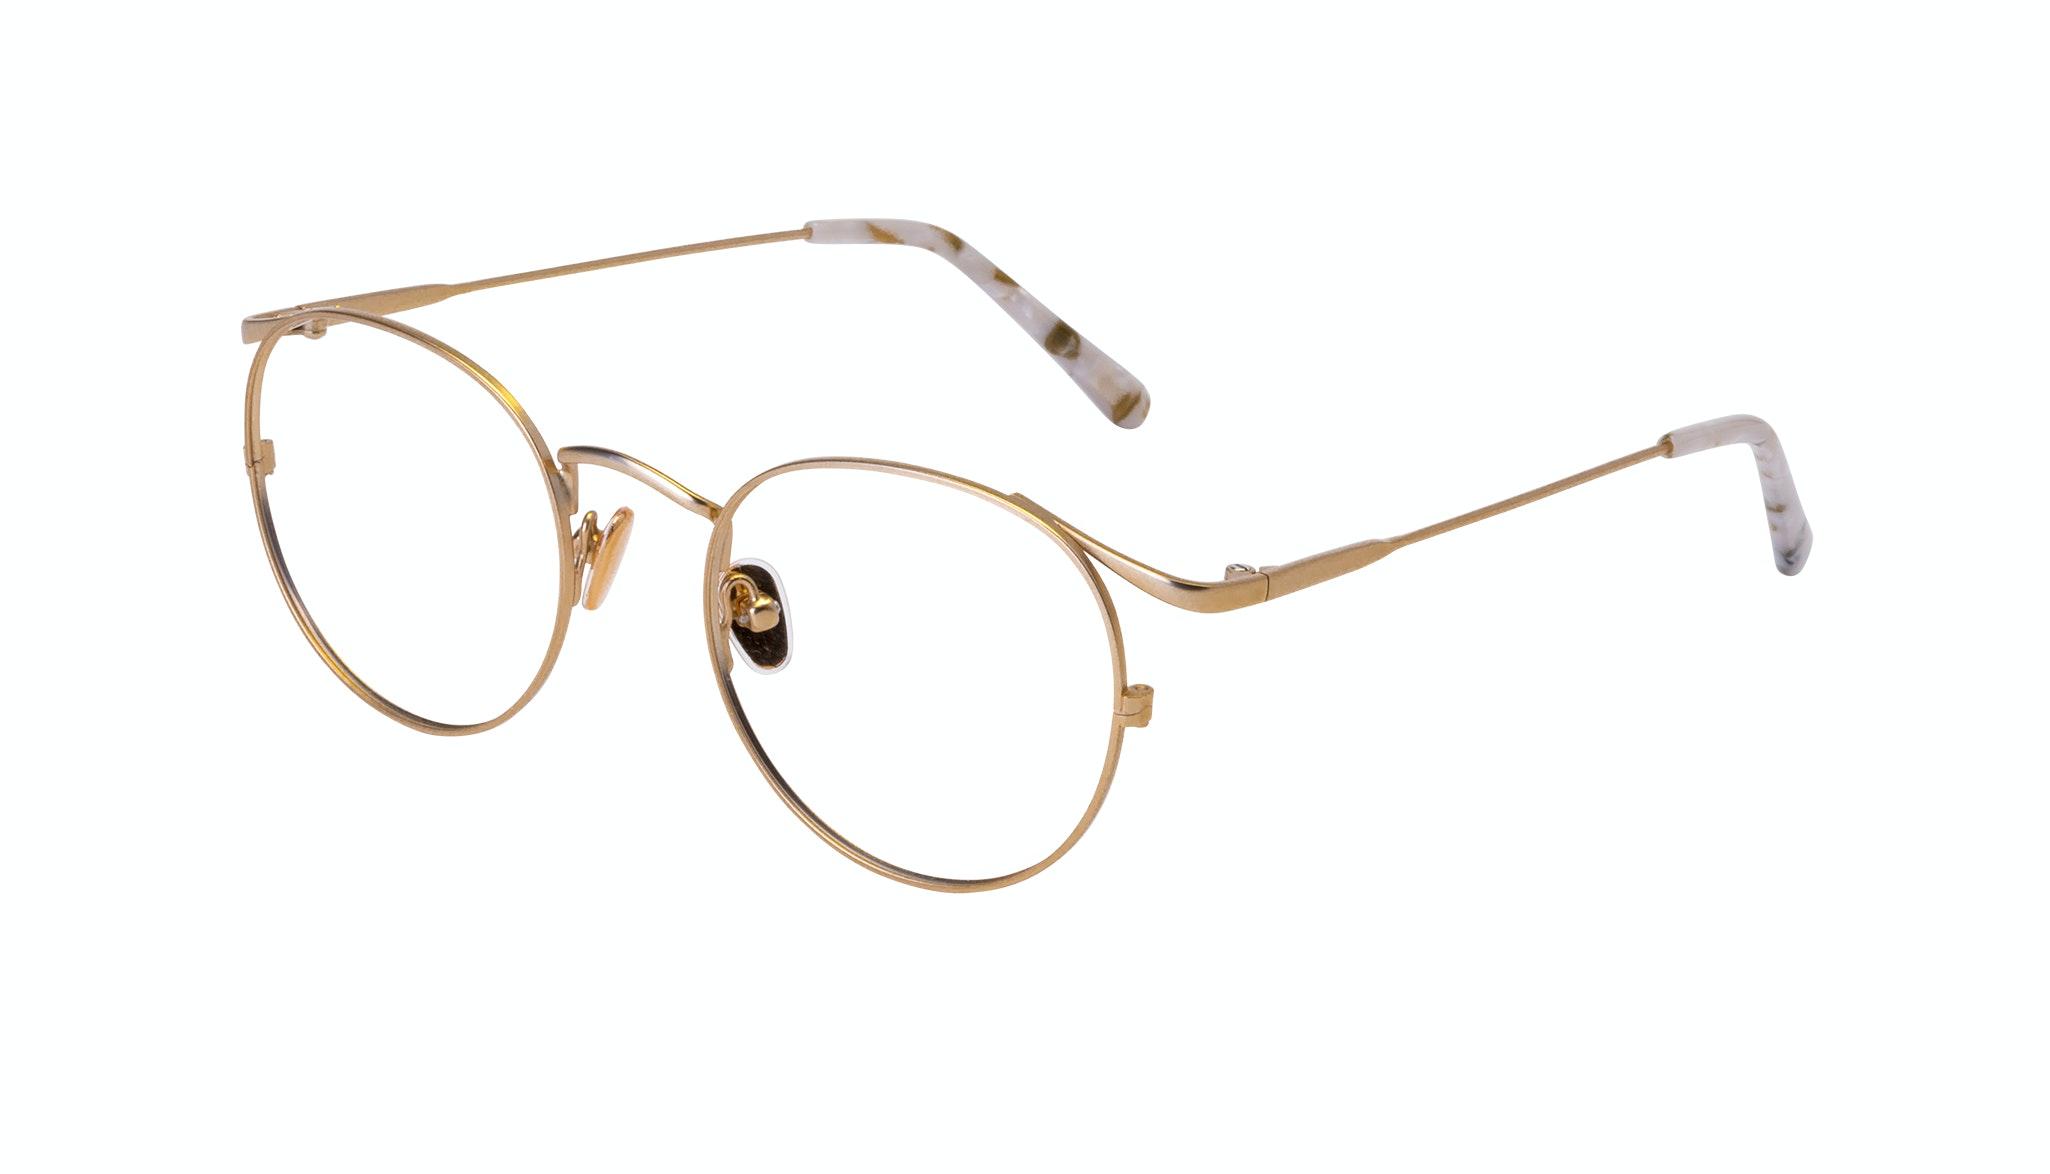 Affordable Fashion Glasses Round Eyeglasses Women Curve Gold Tilt